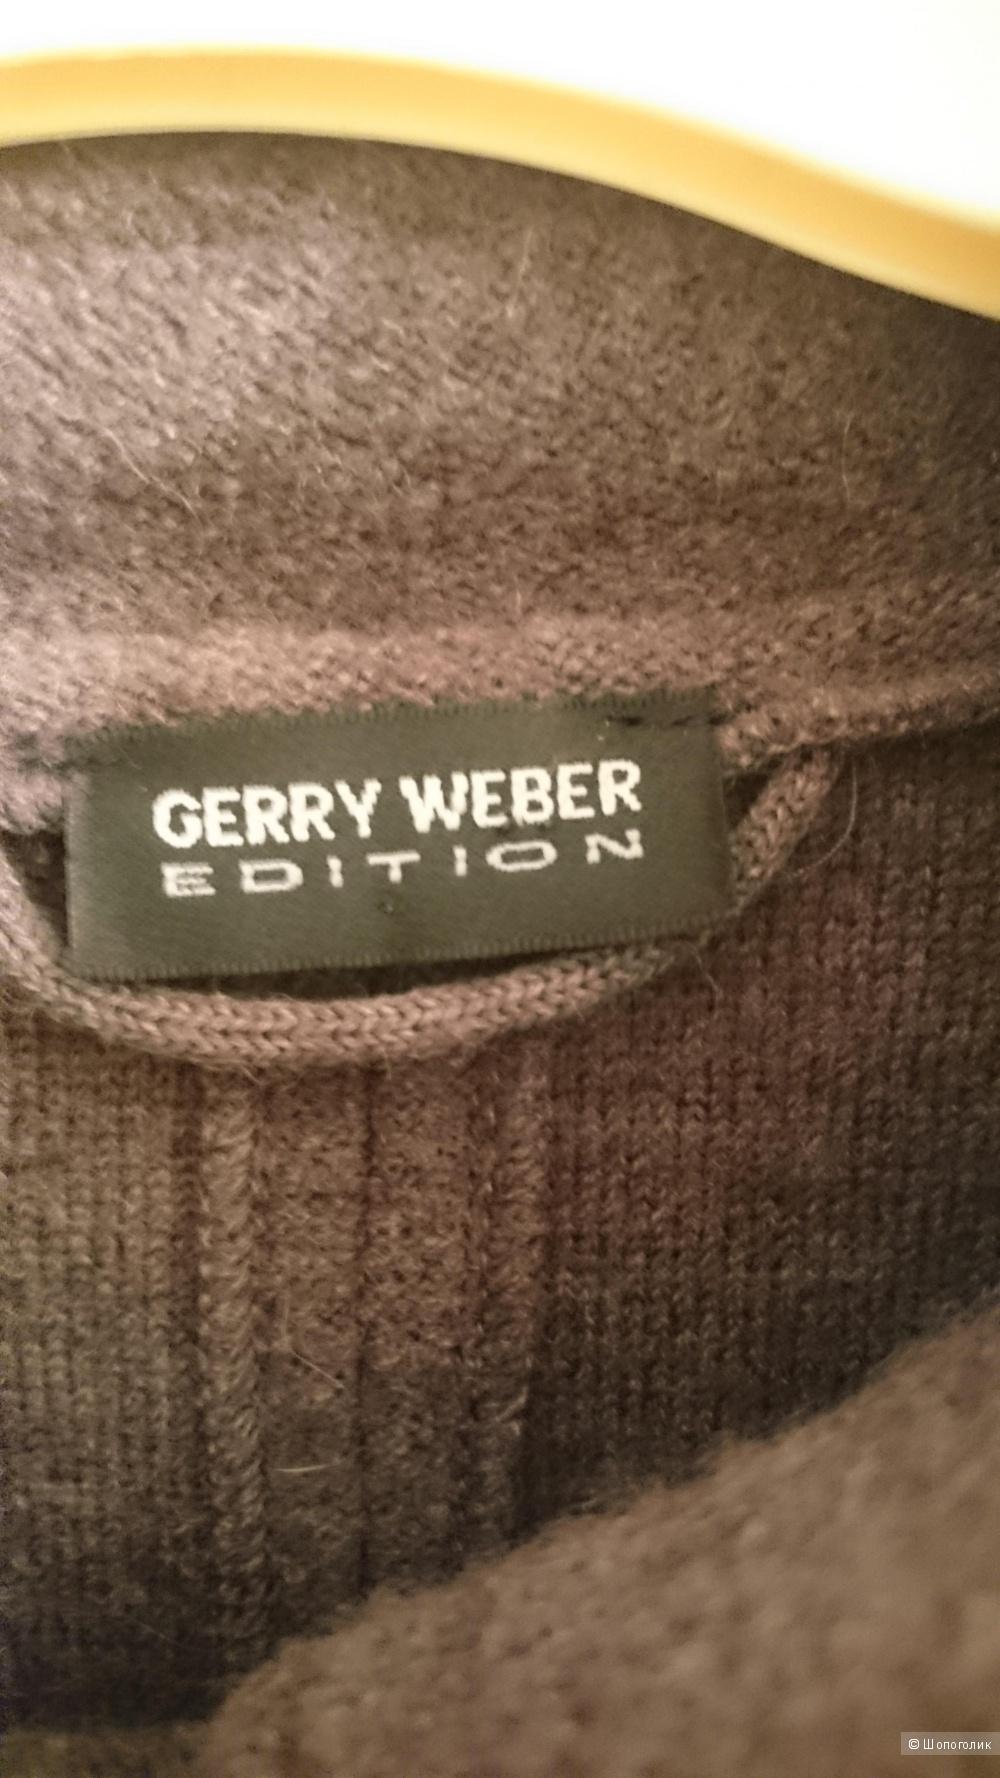 Пиджак/кардиган Gerry Weber.  S/M